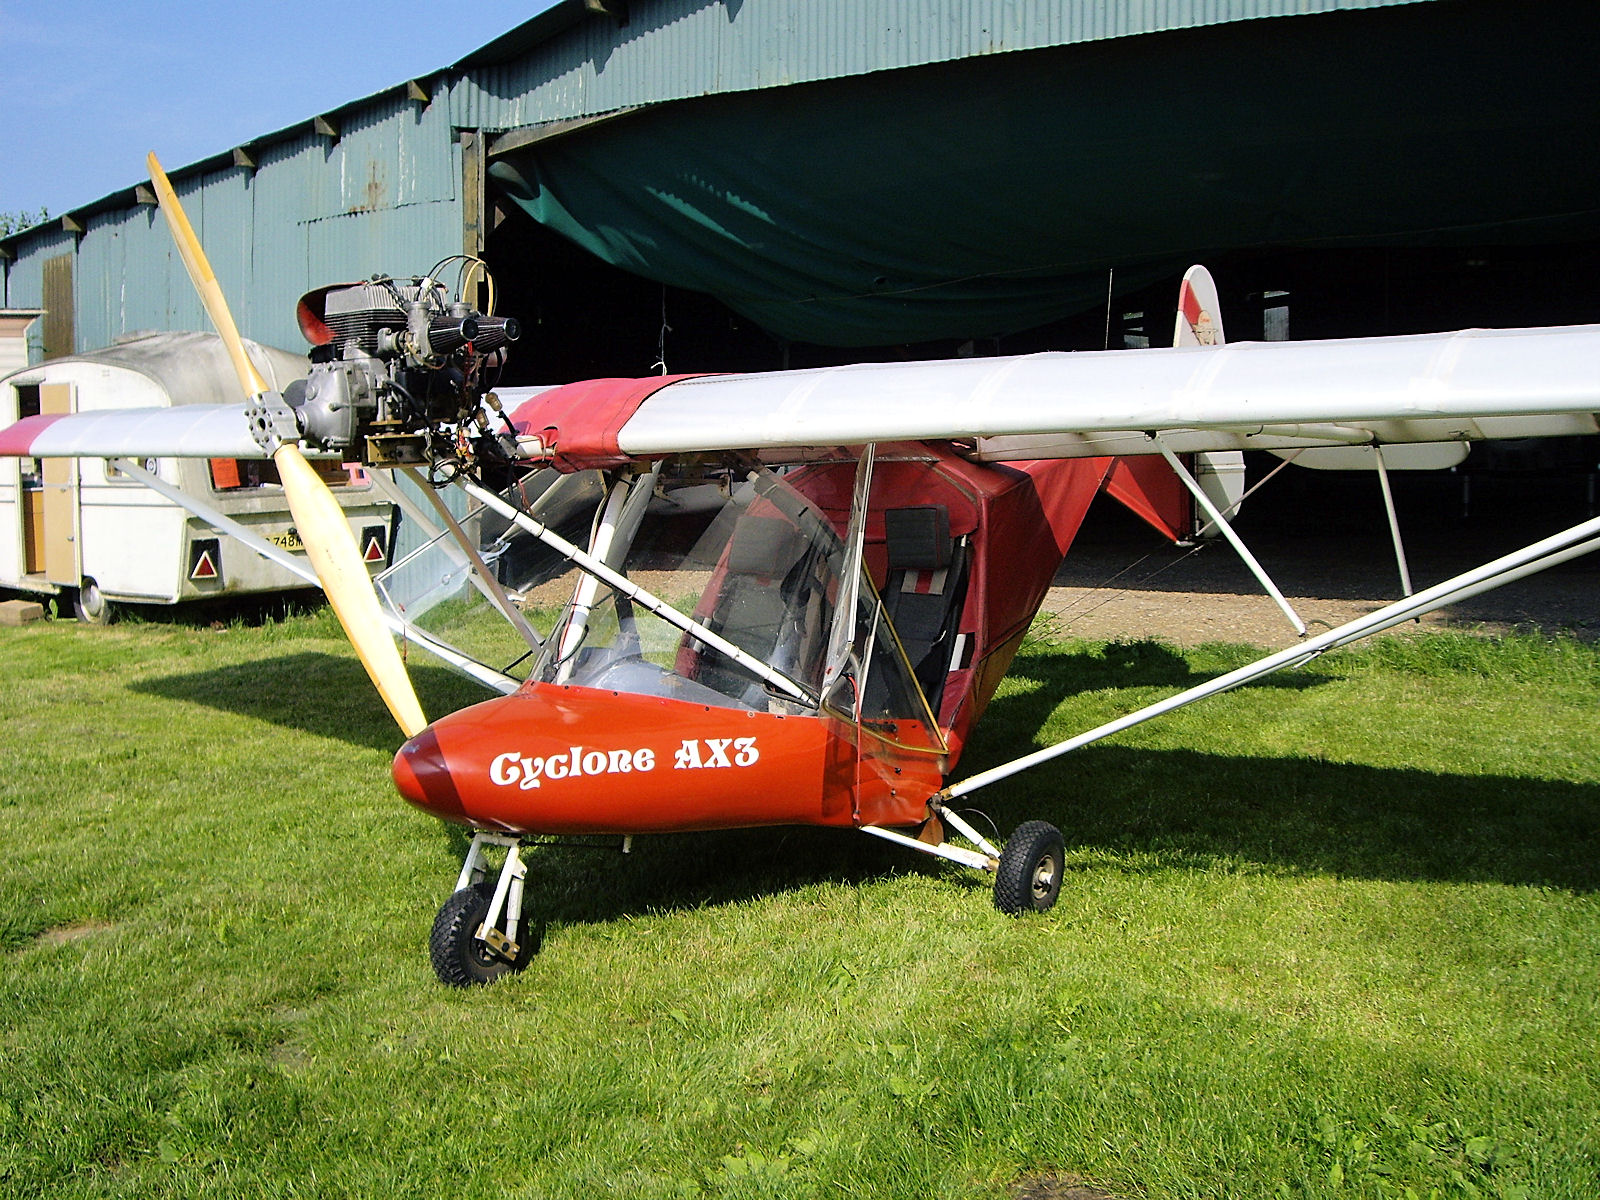 Cyclone AX3 G-MYRO at Clipgate Farm